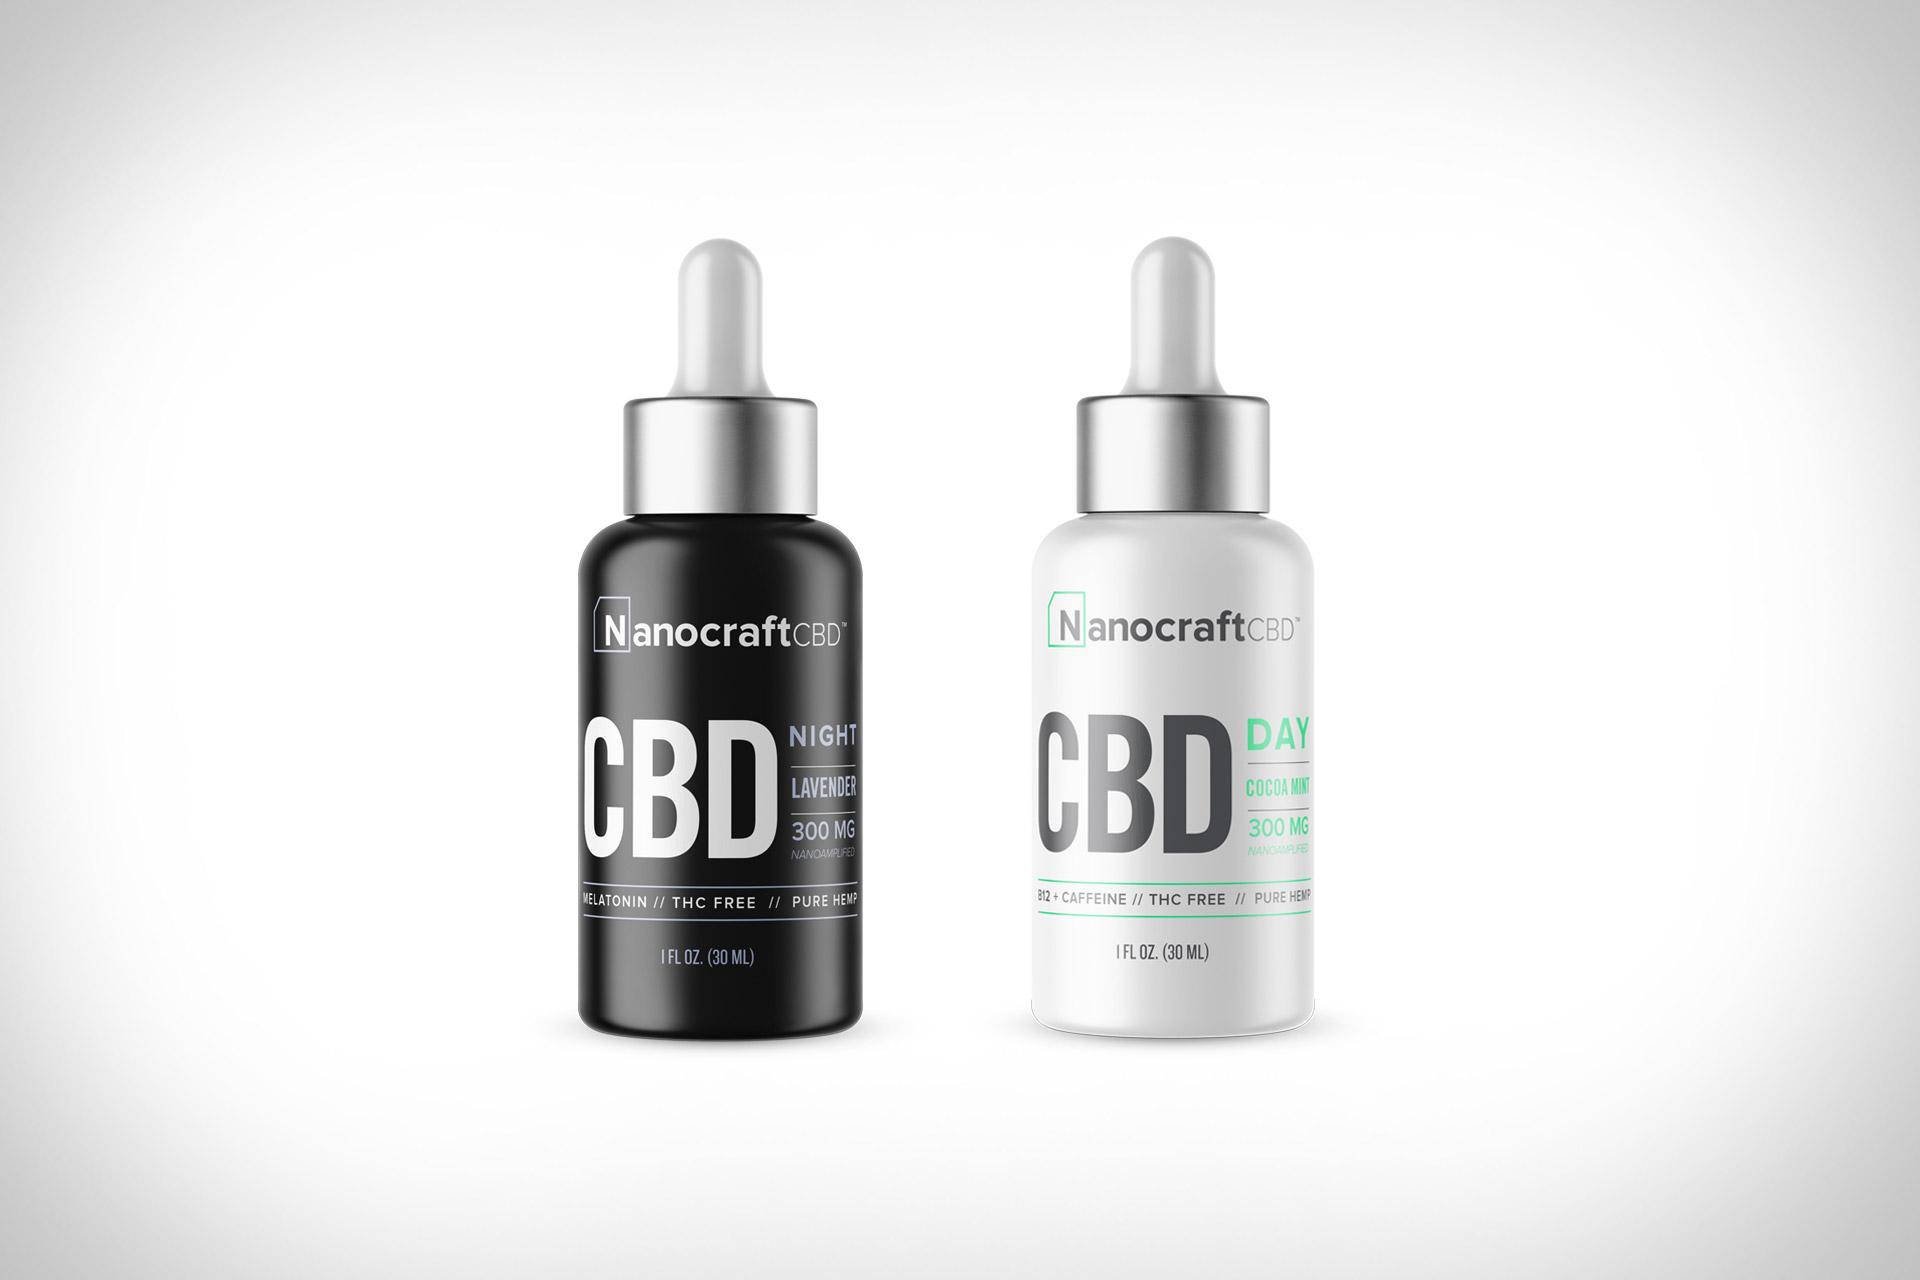 nanocraft-cbd-3